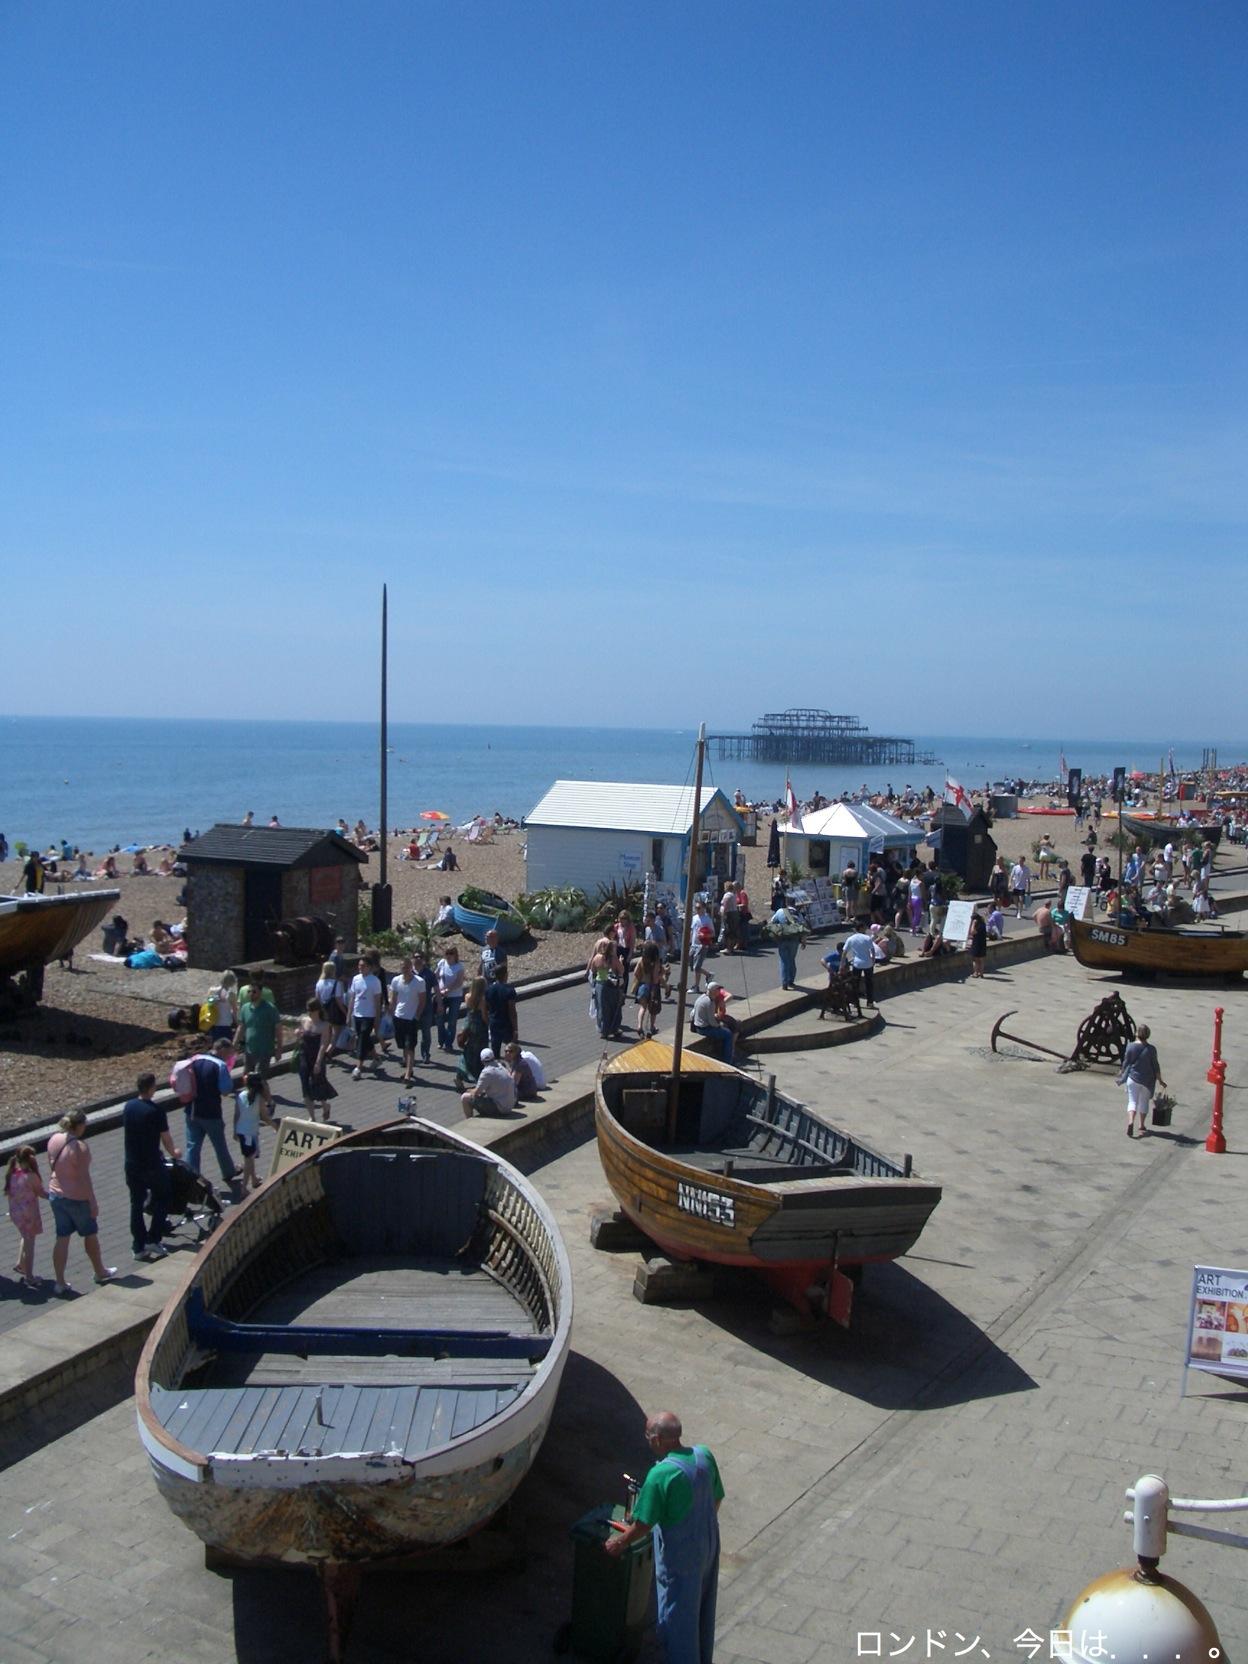 再び、ブライトンビーチ_a0137487_22235235.jpg